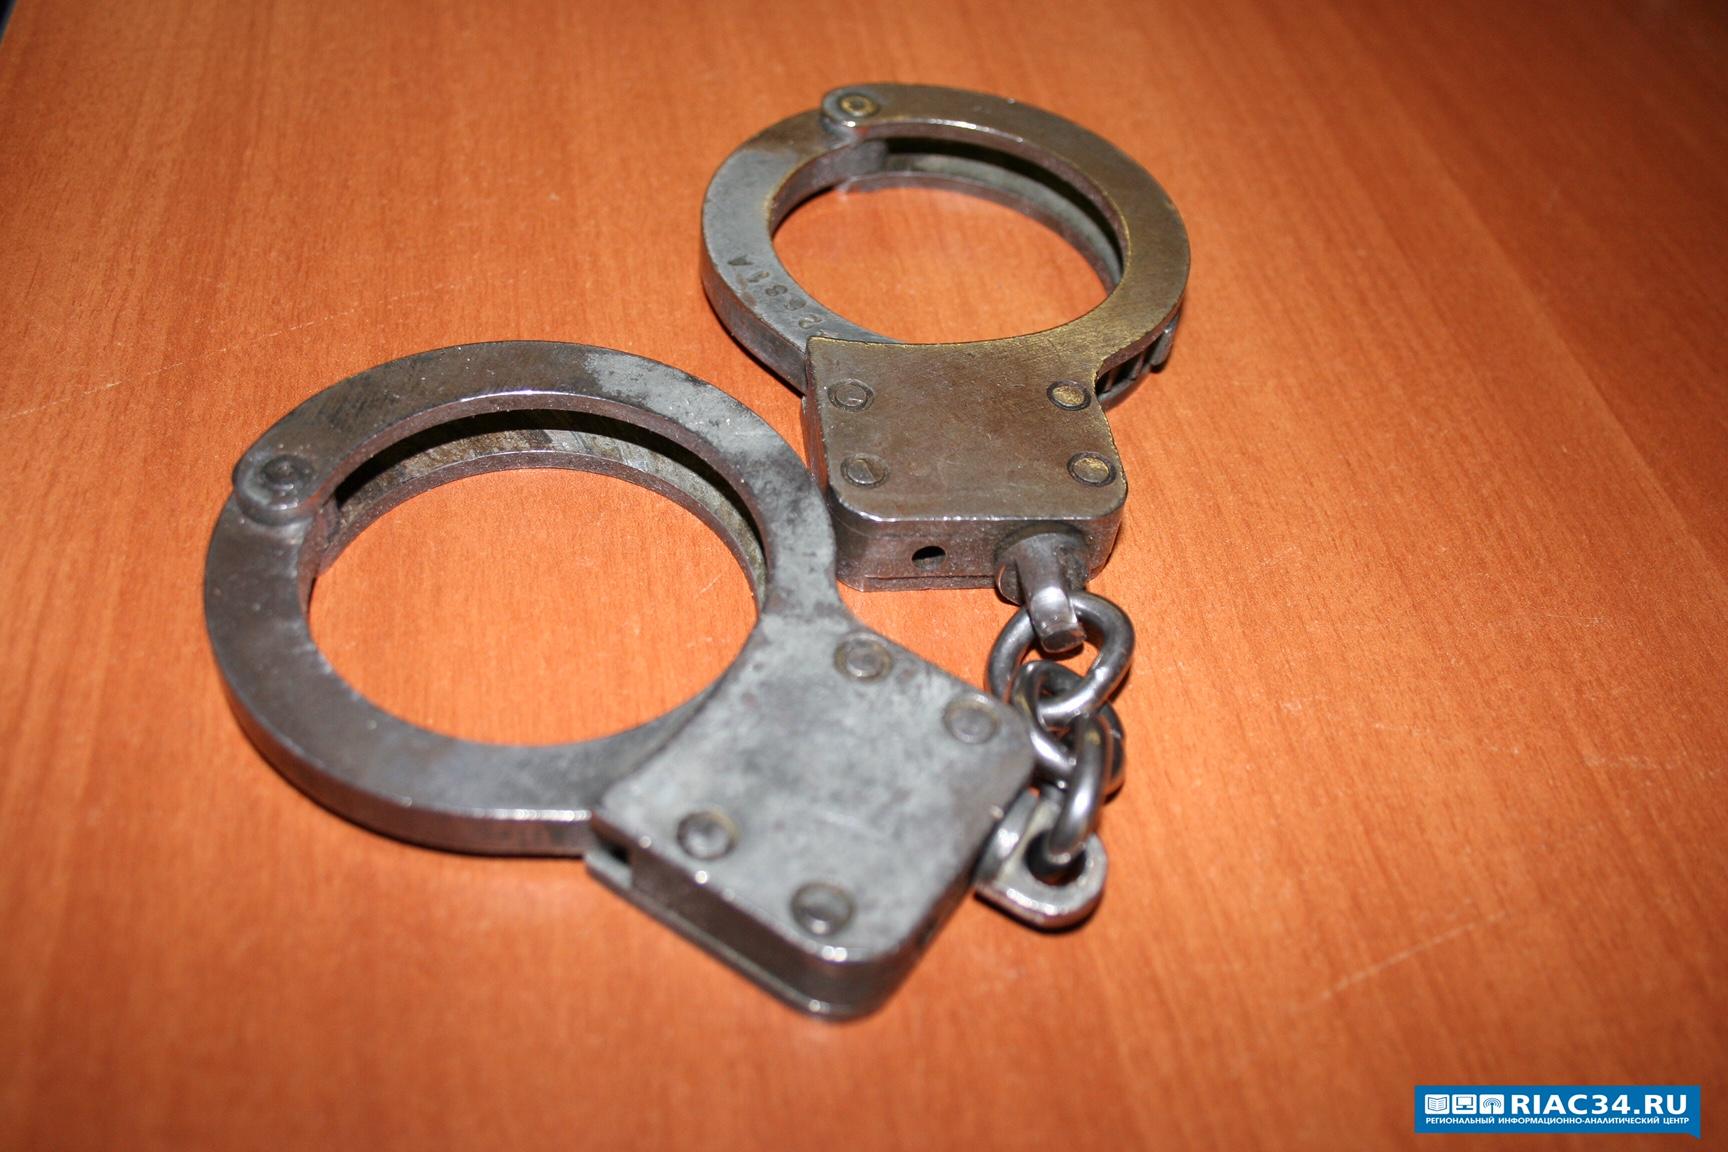 Студенты волгоградского техникума расплатились вкафе 5 тысячами из«Банка приколов»